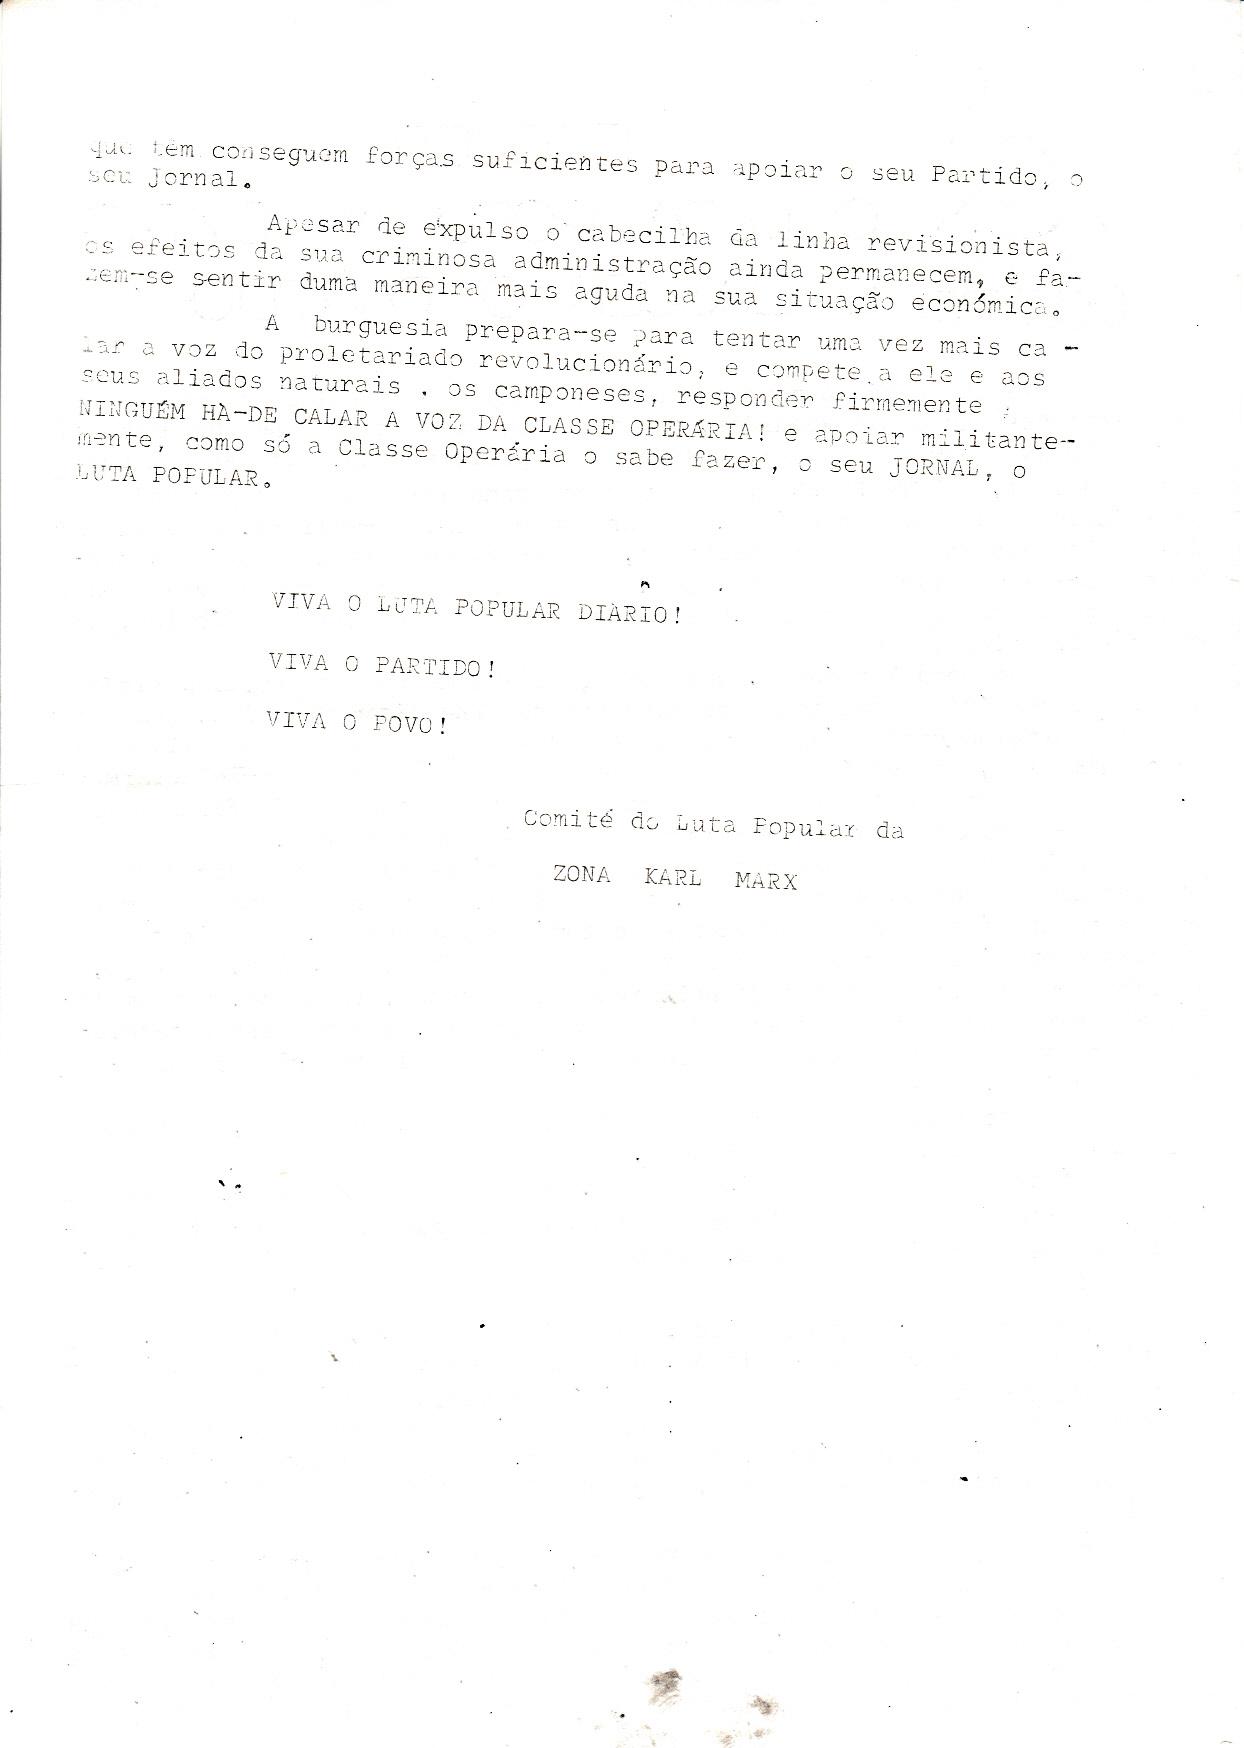 MRPP_1976_09_27_0002